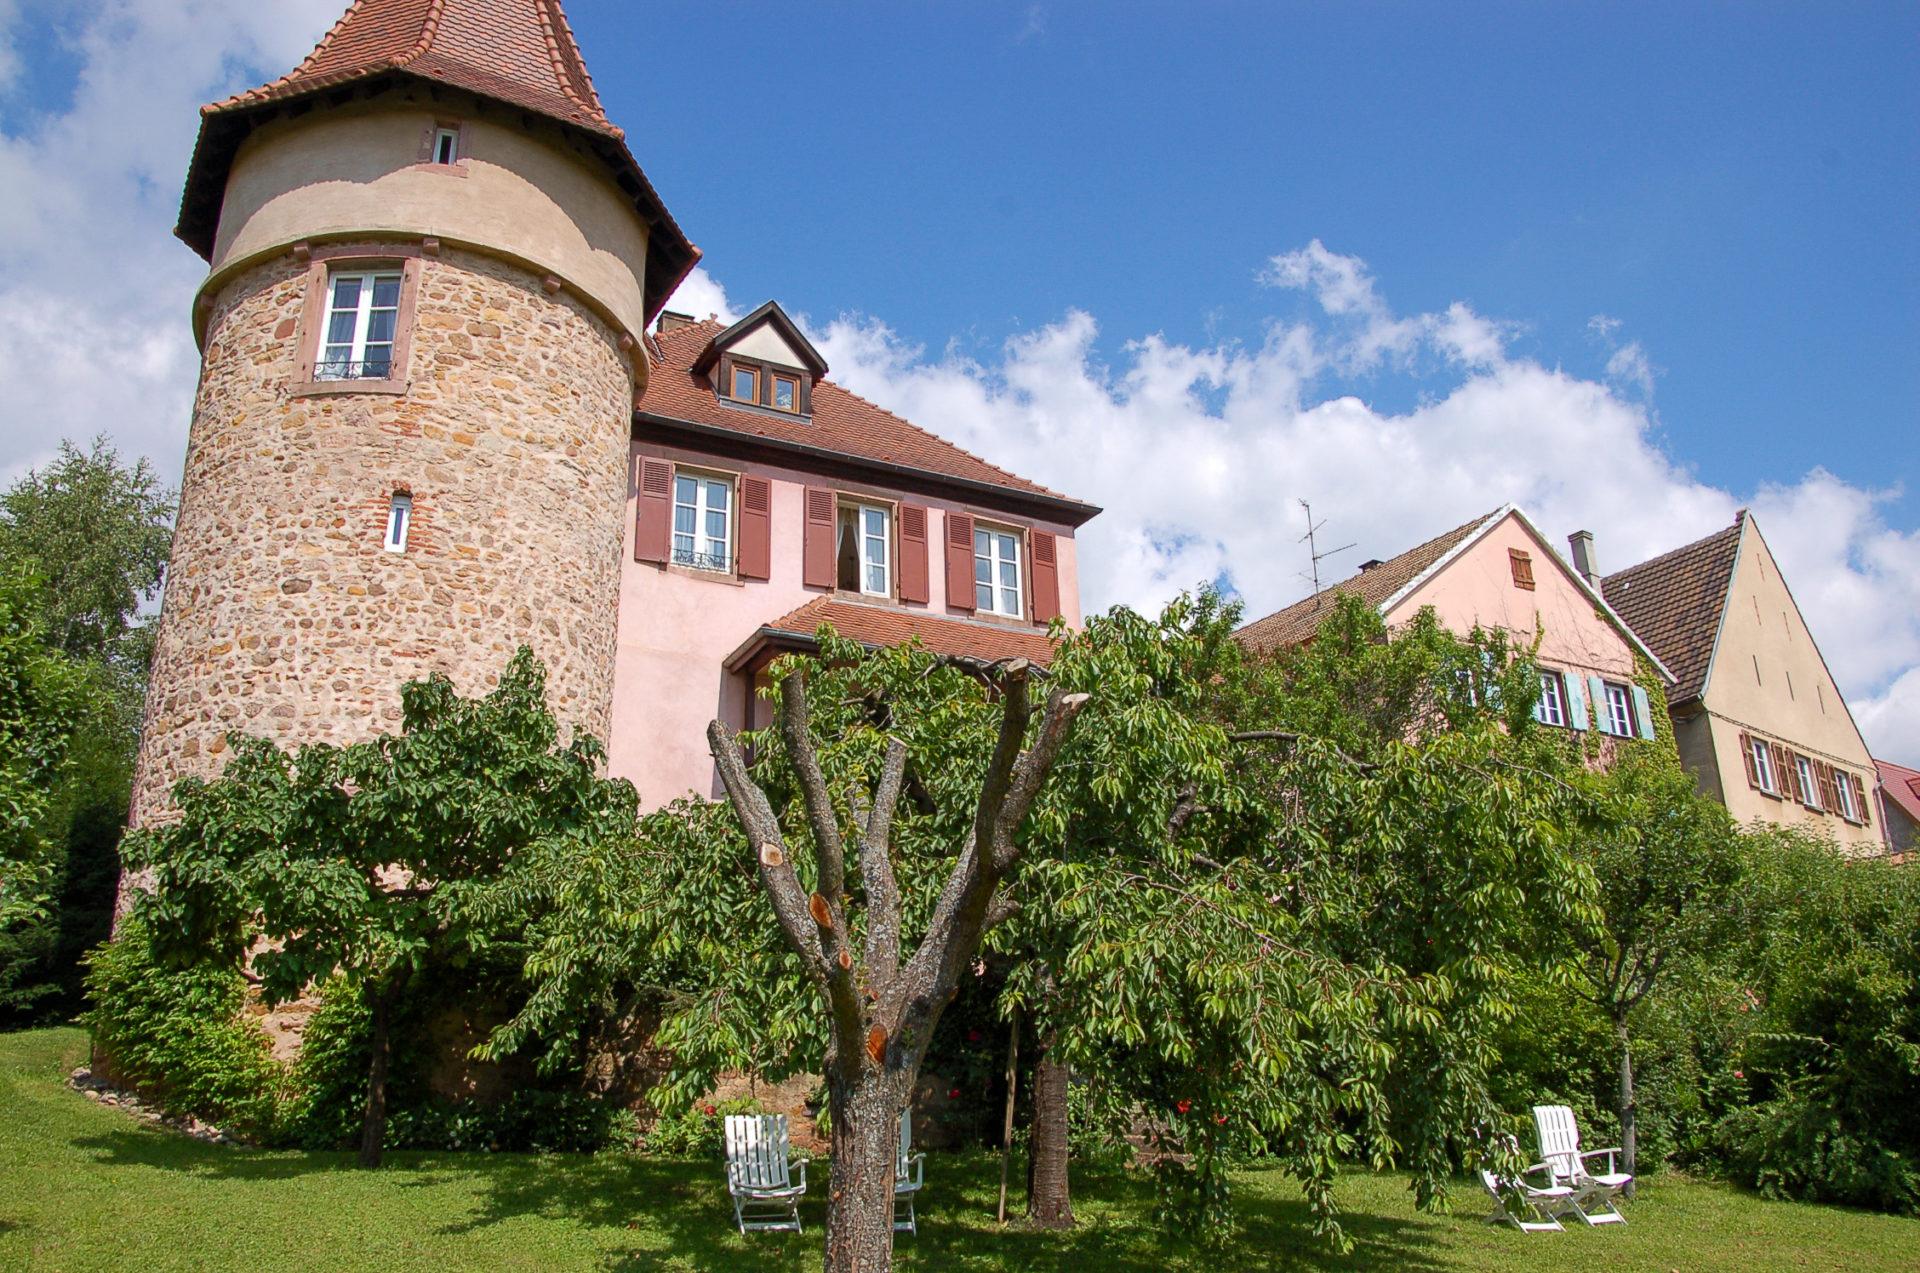 Die Pension Clos Froehn im Elsass mit Turm und Garten